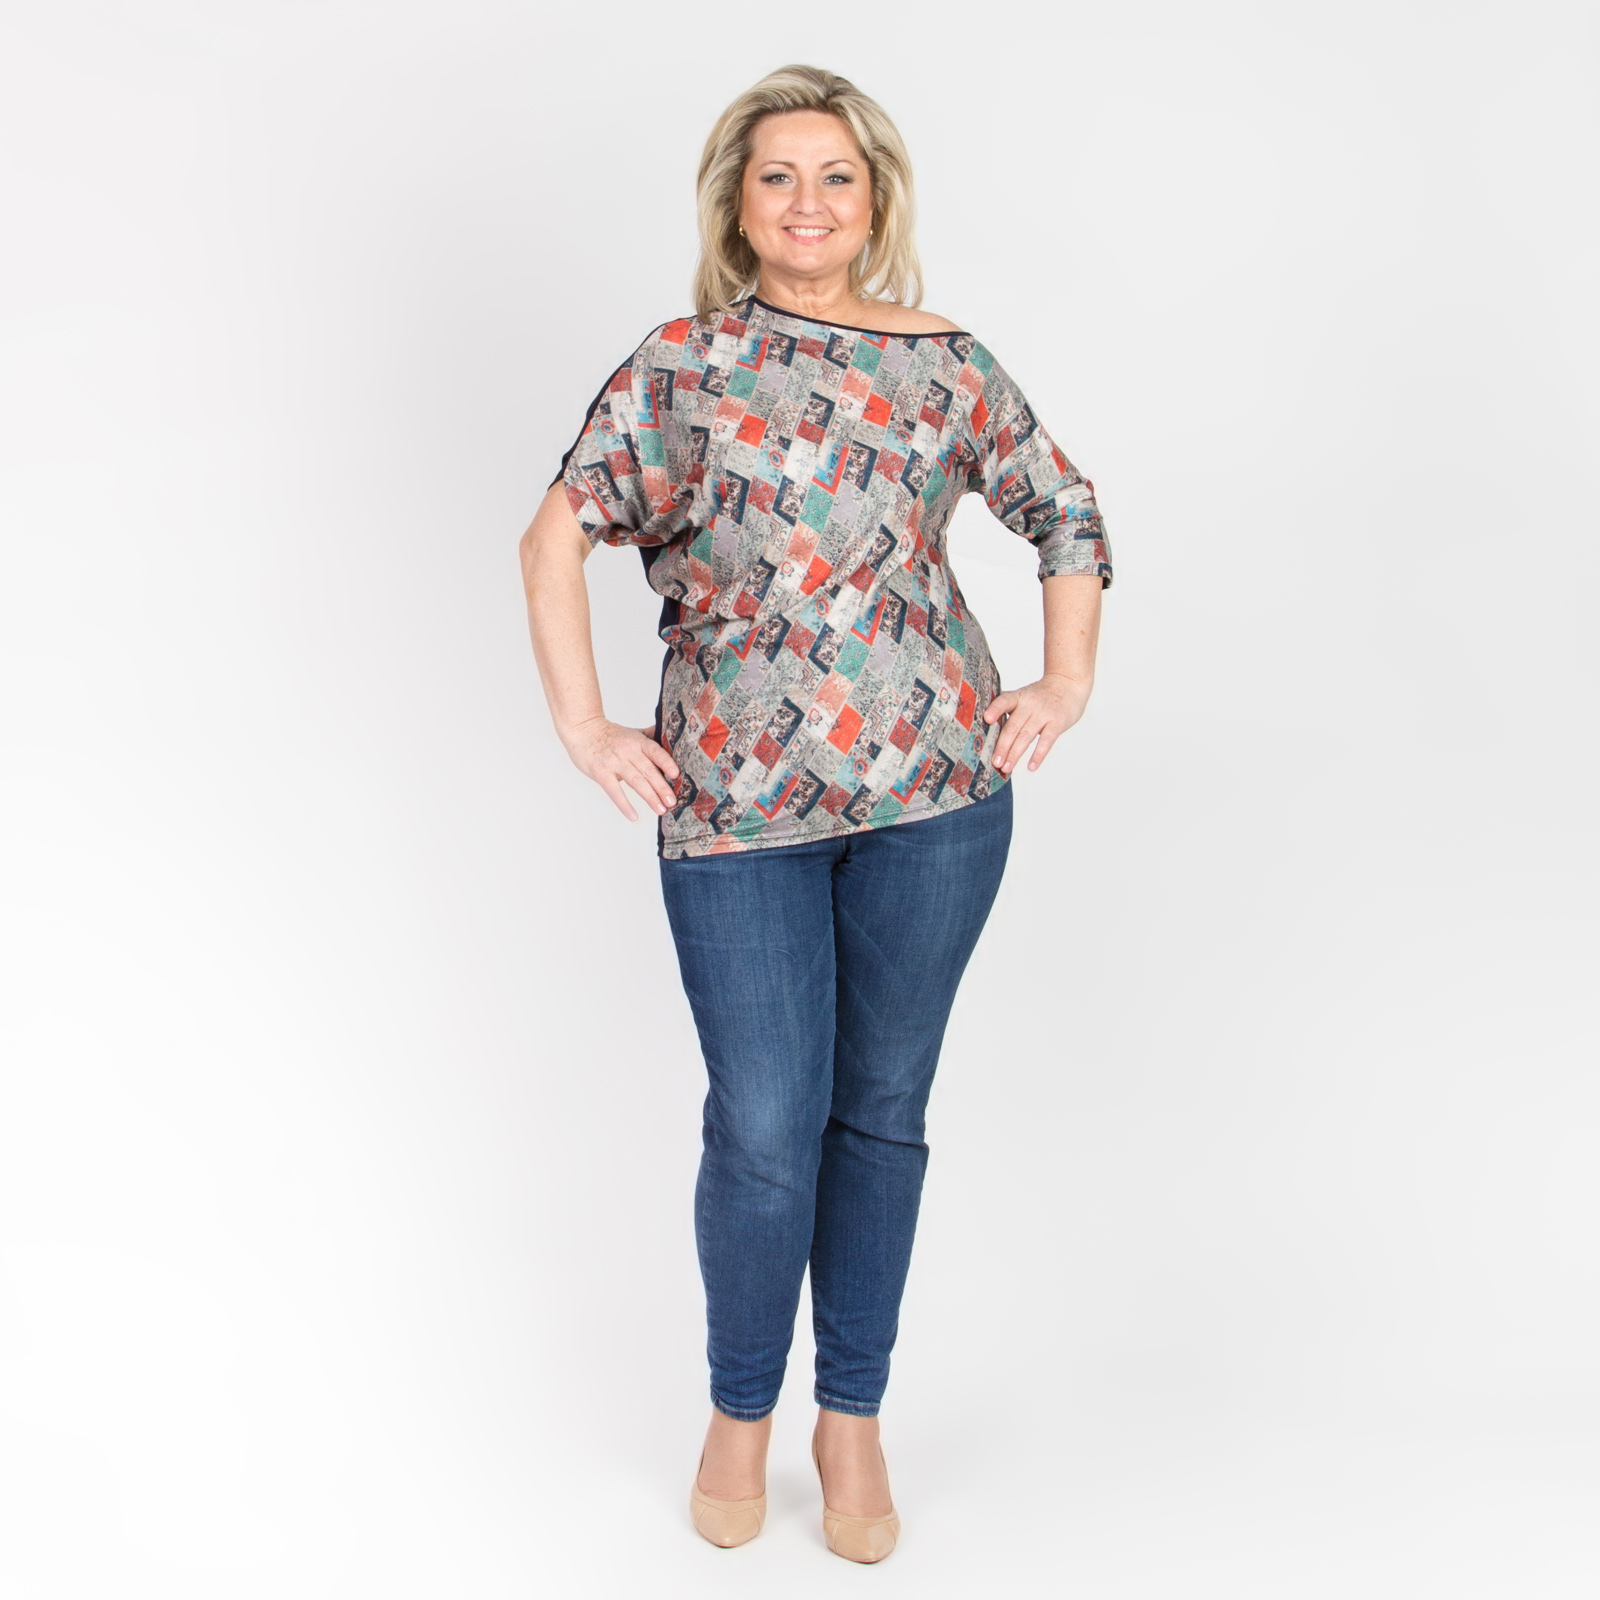 Блуза оригинального кроя с геометрическим принтом виброплатформы для похудения в алматы в интернет магазине